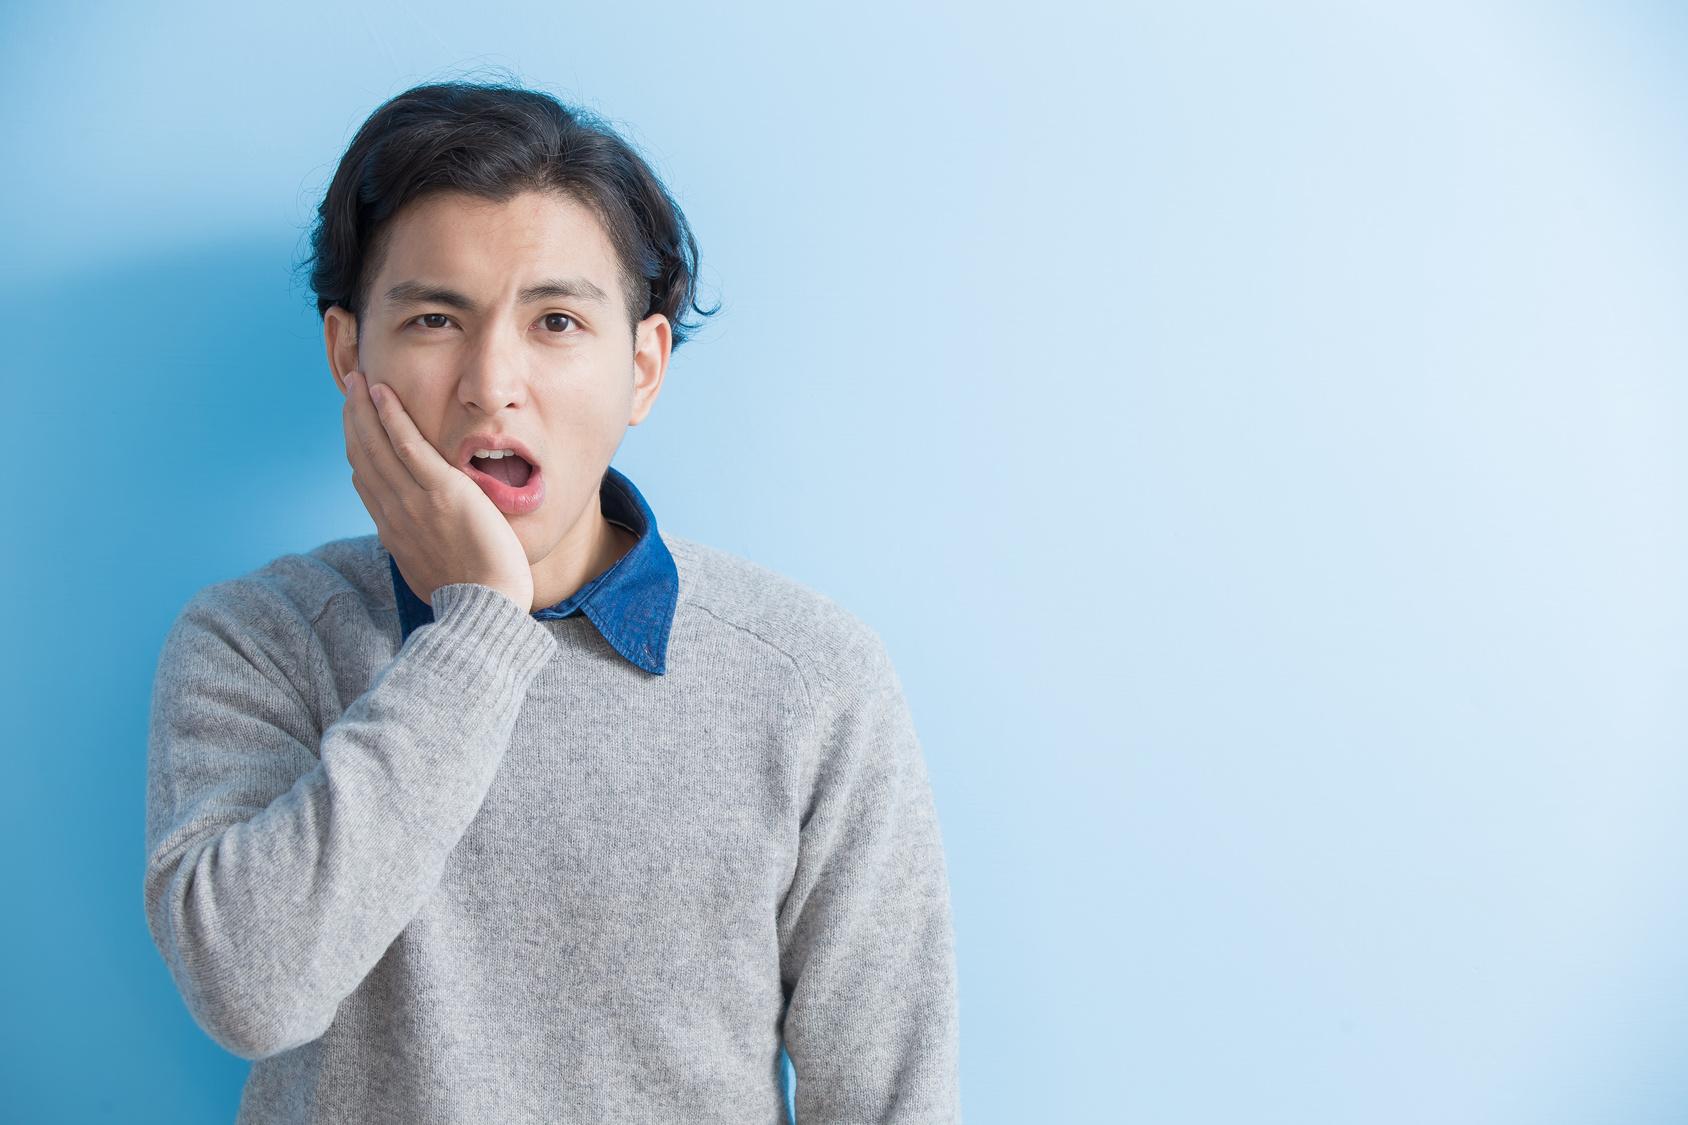 親知らずの抜歯を口腔外科でやることを勧められた…親知らずはどうなってるの?